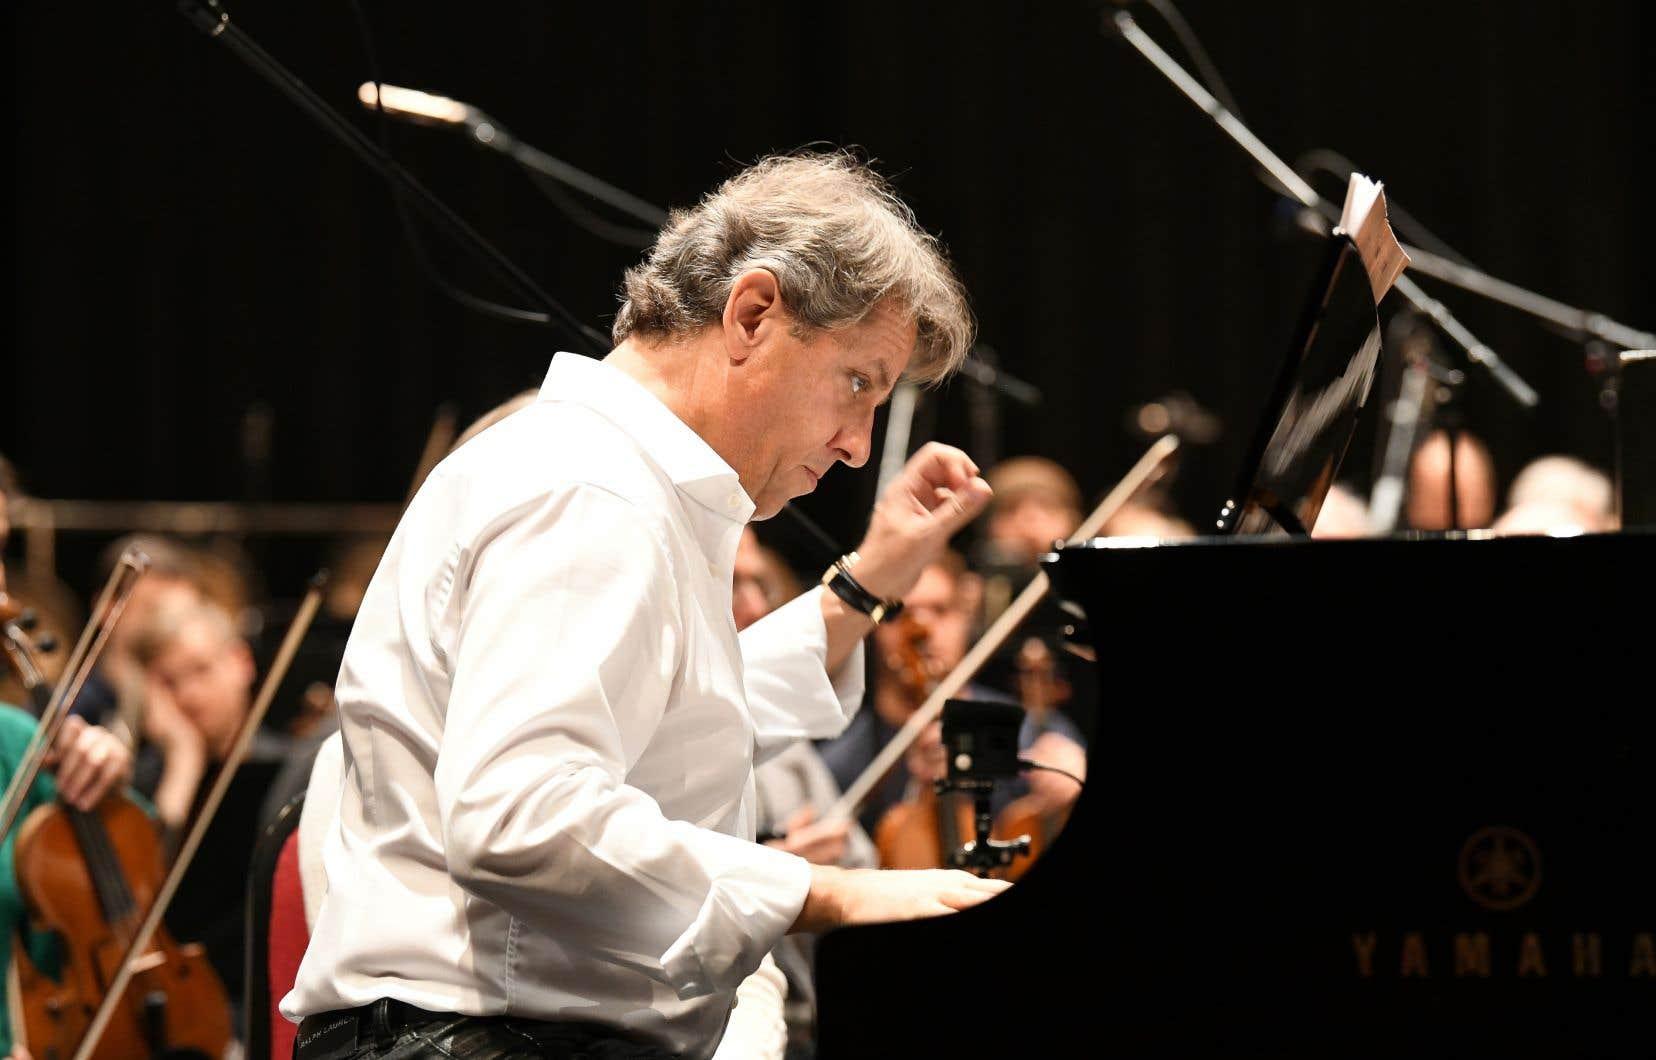 Le nouveau disque du pianiste Alain Lefèvre, «My Paris Years»<em>,</em>paraît vendredi.